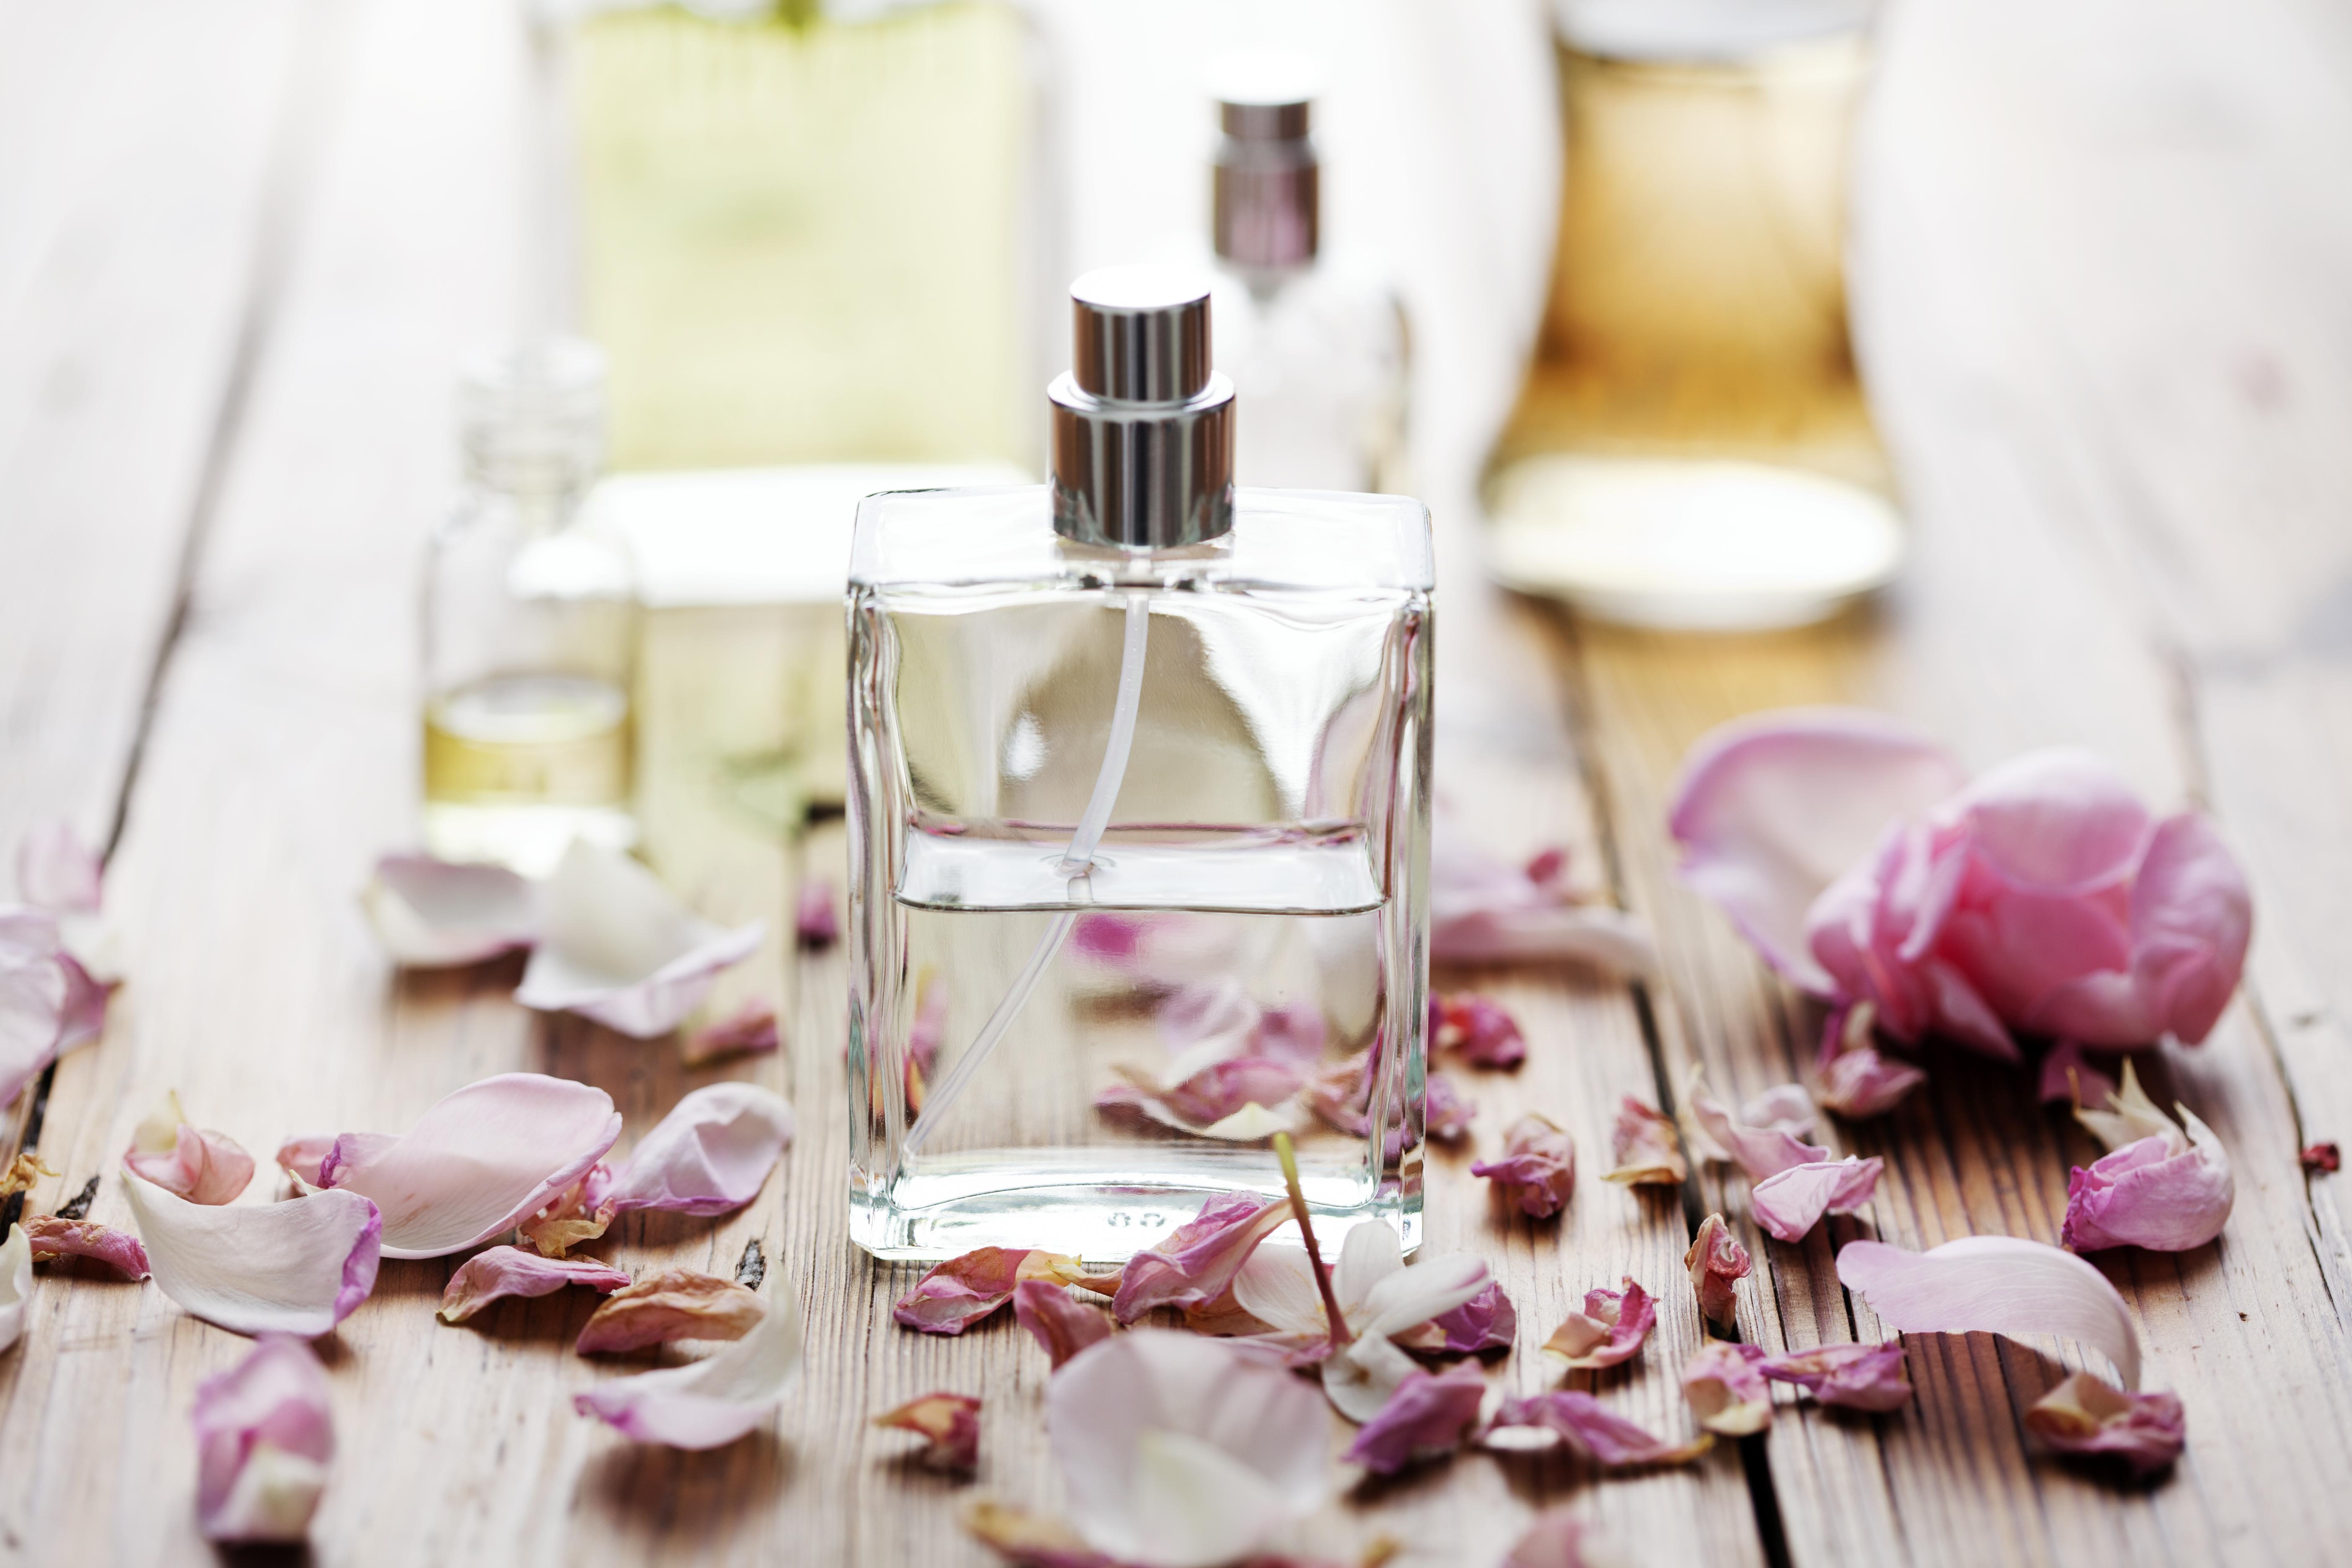 Hur parfymämnen reagerar med luft eller i hud är viktigt att undersöka.